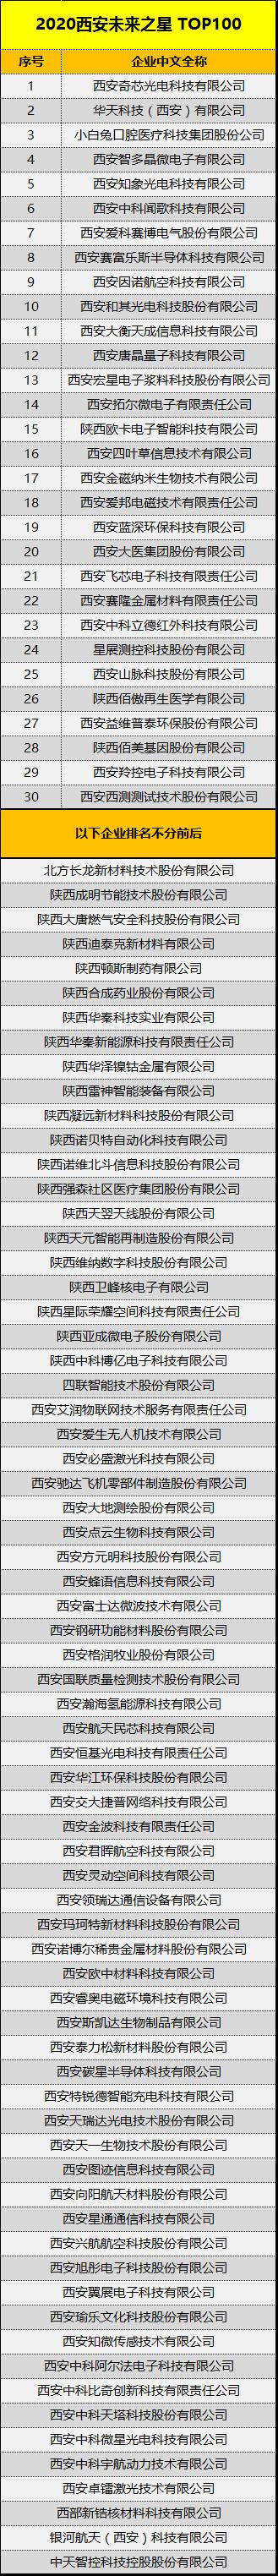 """2020西安""""TOP系列""""榜单揭晓"""